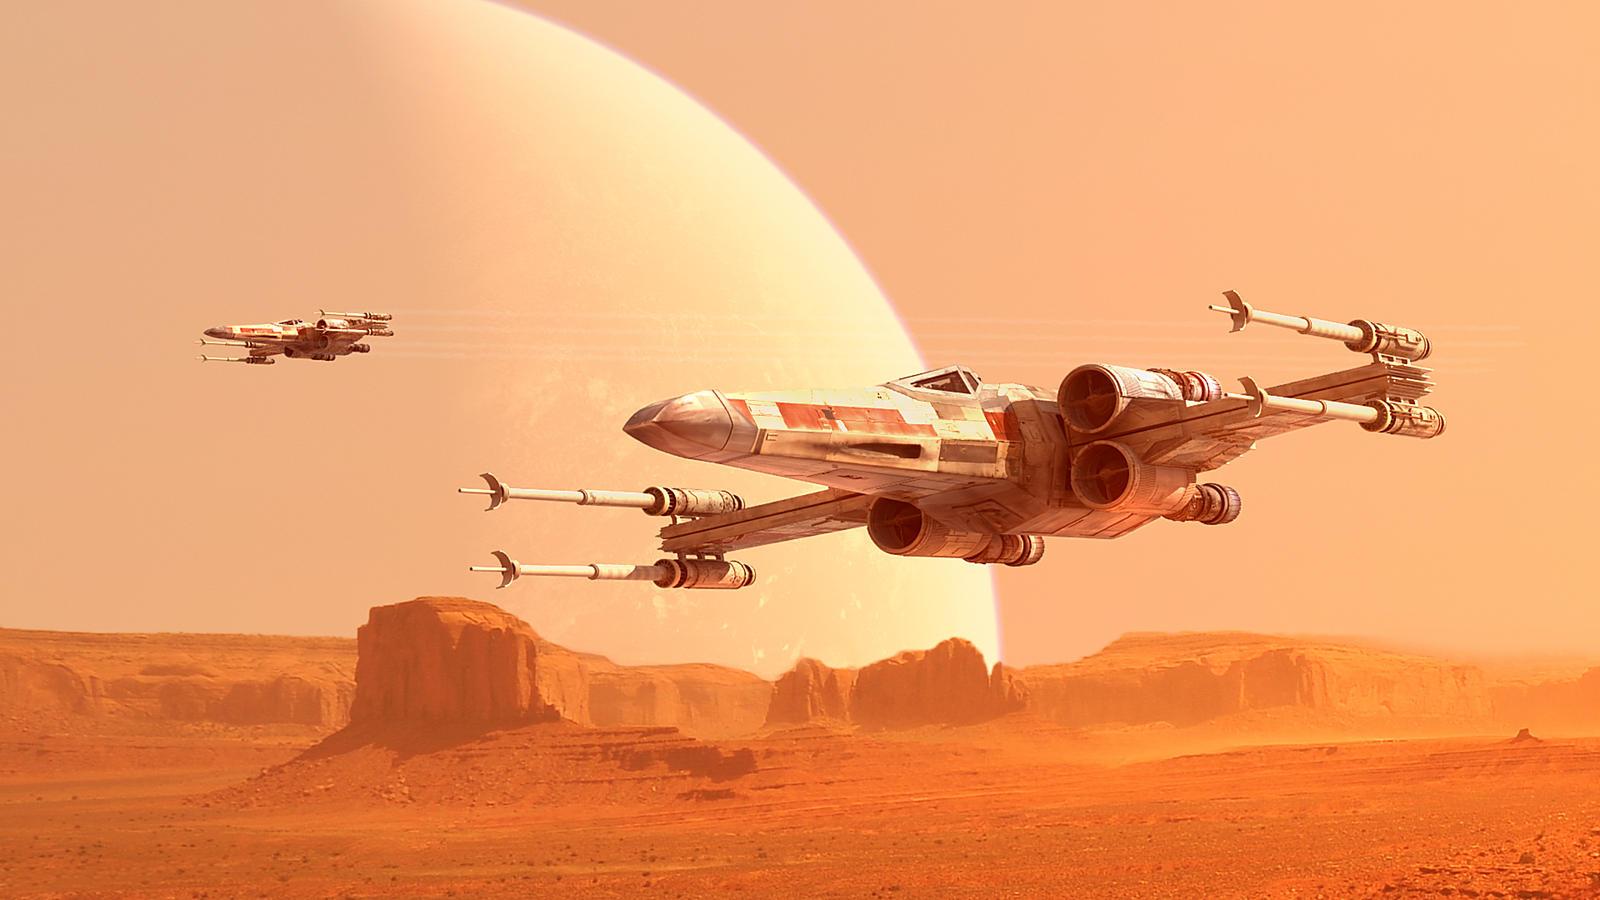 desert_wings_by_grahamtg-d9ec74x.jpg